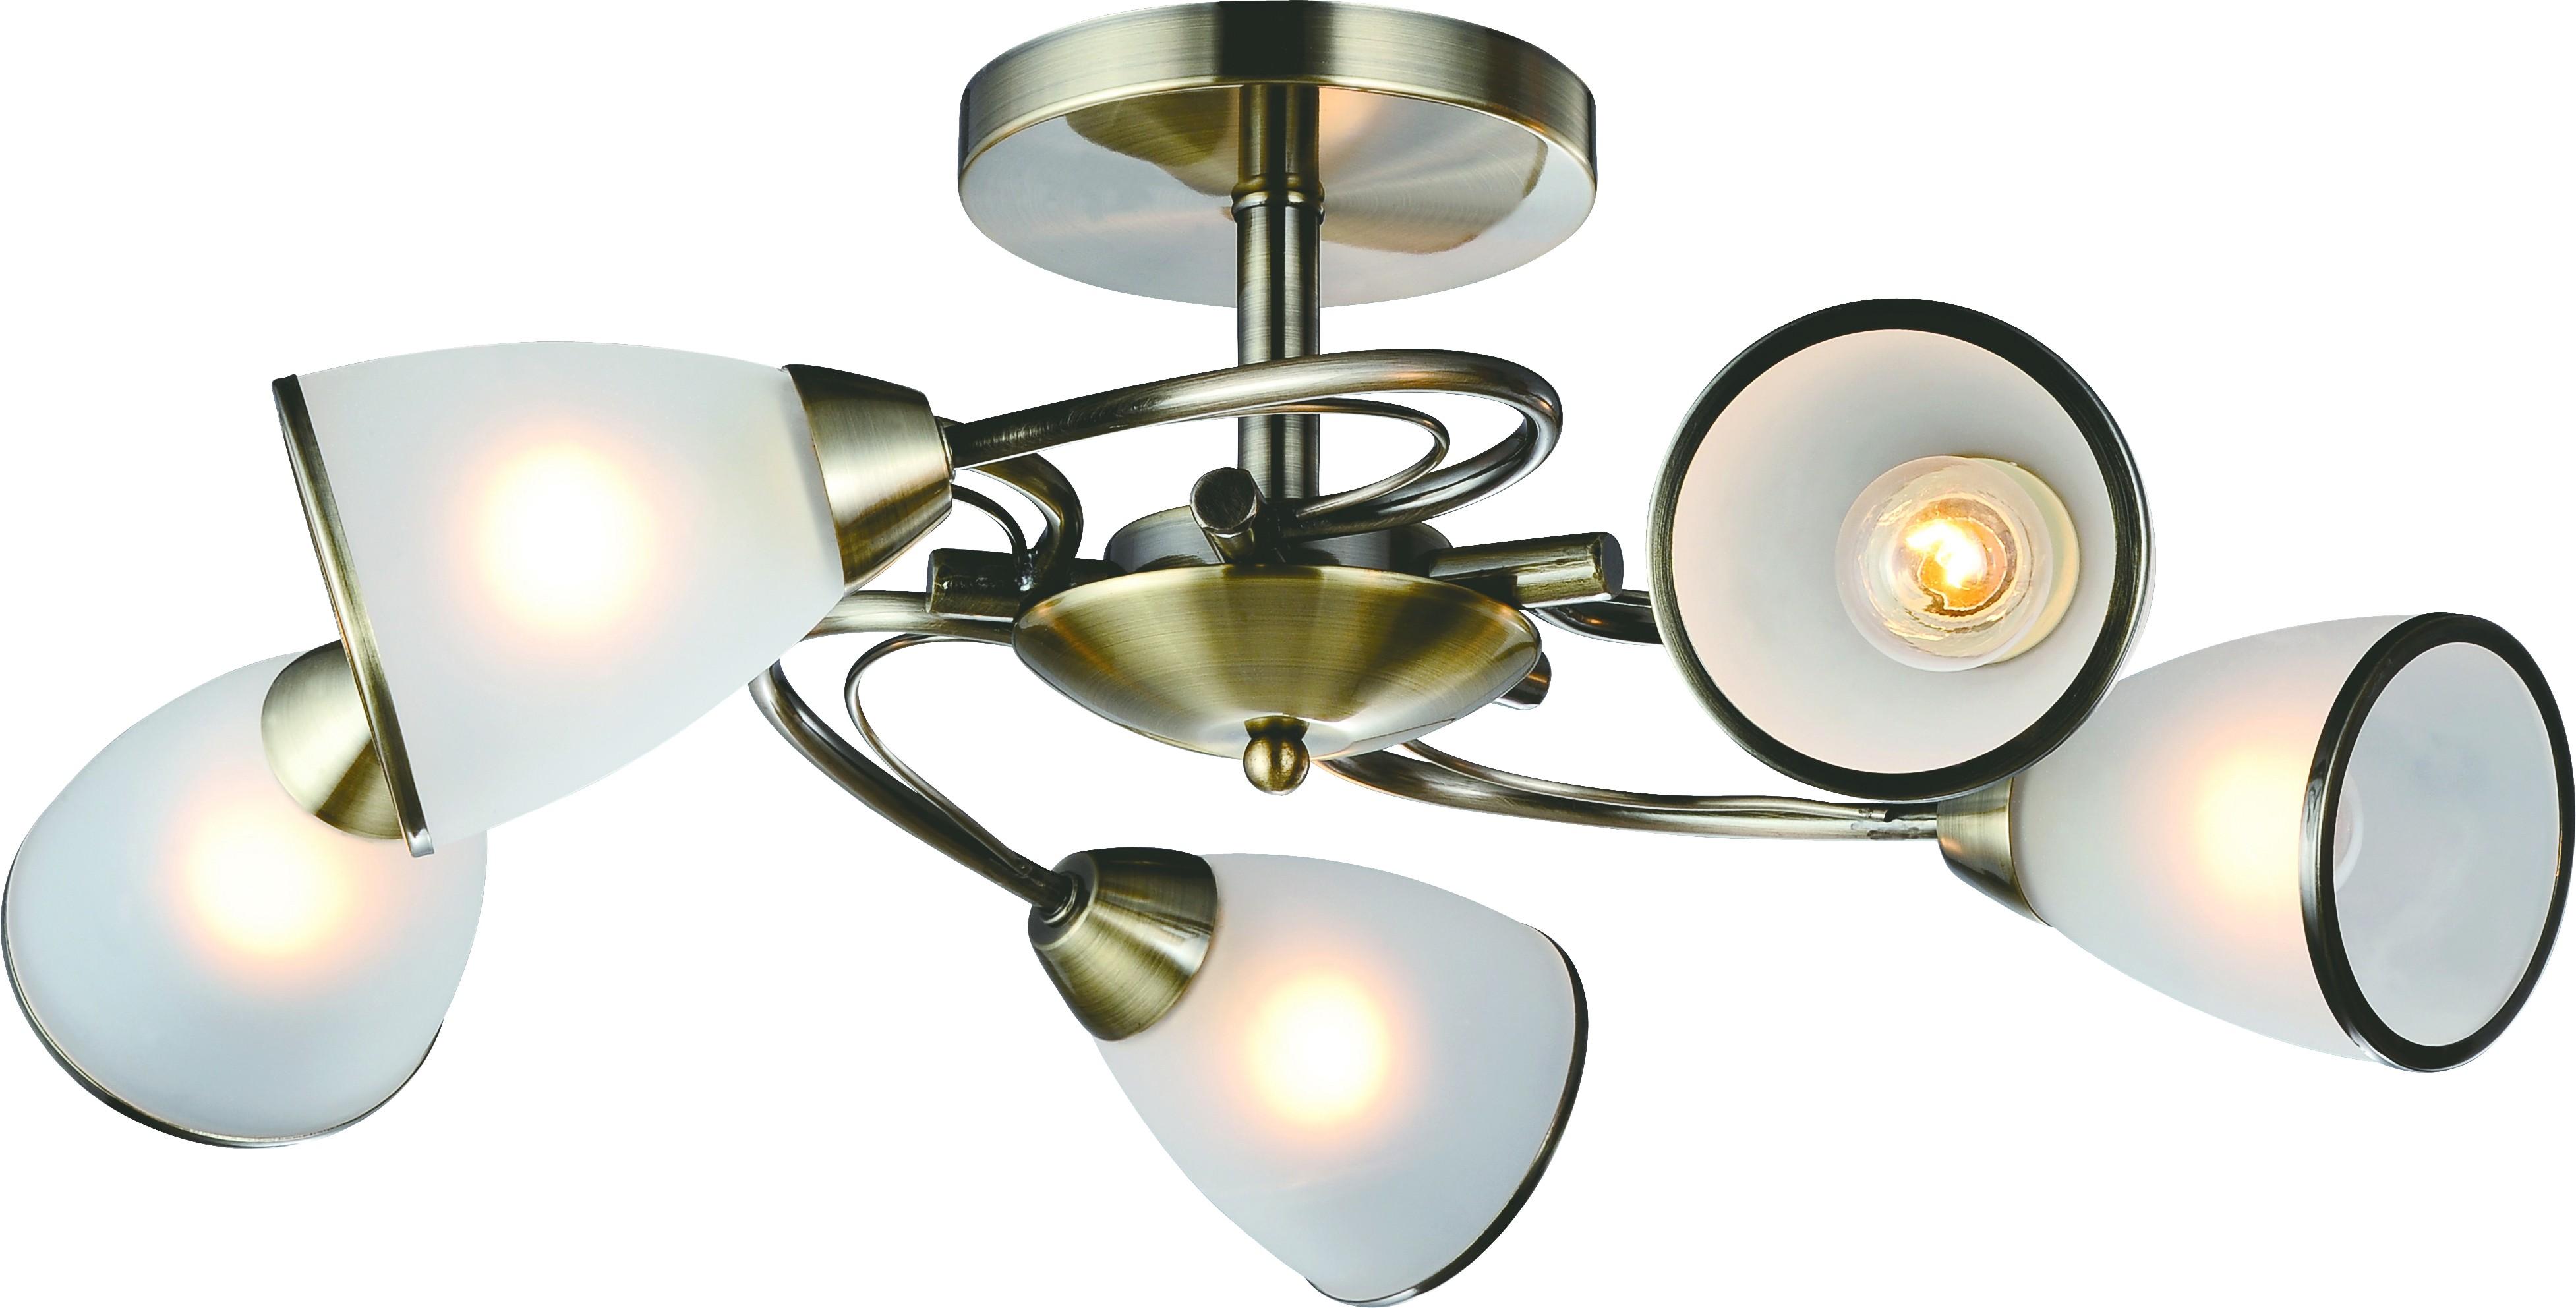 Люстра Arte lamp A6056pl-5ab arte lamp люстра arte lamp a7556pl 5ab